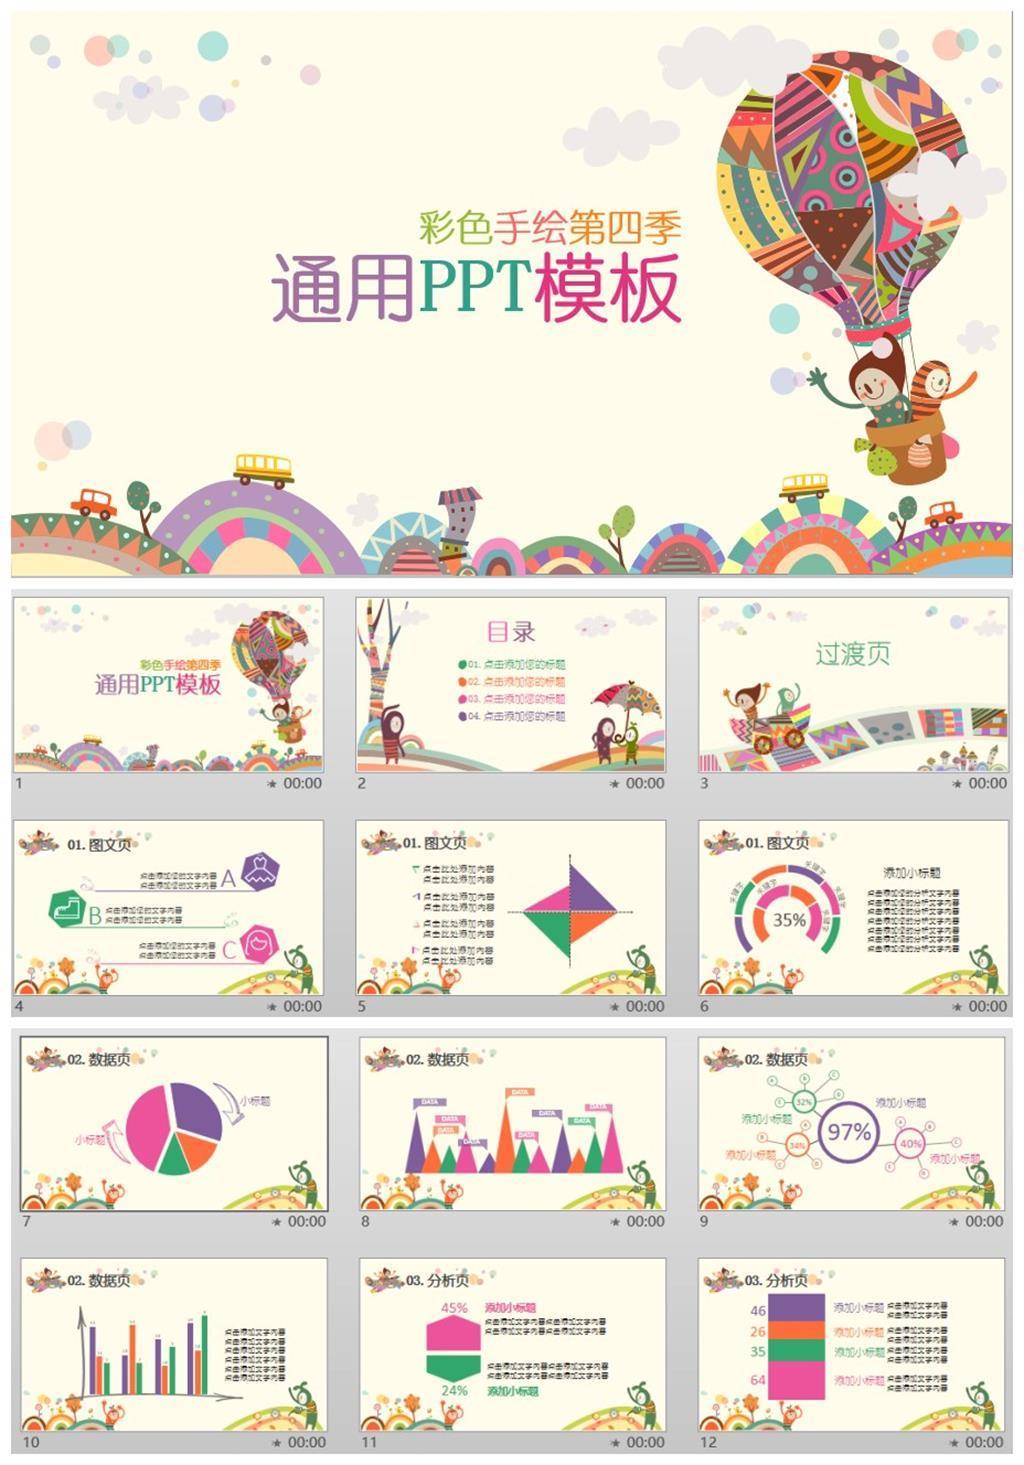 我图网提供精品流行童话手绘通用PPT模板(第四季)素材下载,作品模板源文件可以编辑替换,设计作品简介: 童话手绘通用PPT模板(第四季),模式:RGB格式高清大图,使用软件为软件: PowerPoint 2007(.PPT) 童话手绘通用PPT模板